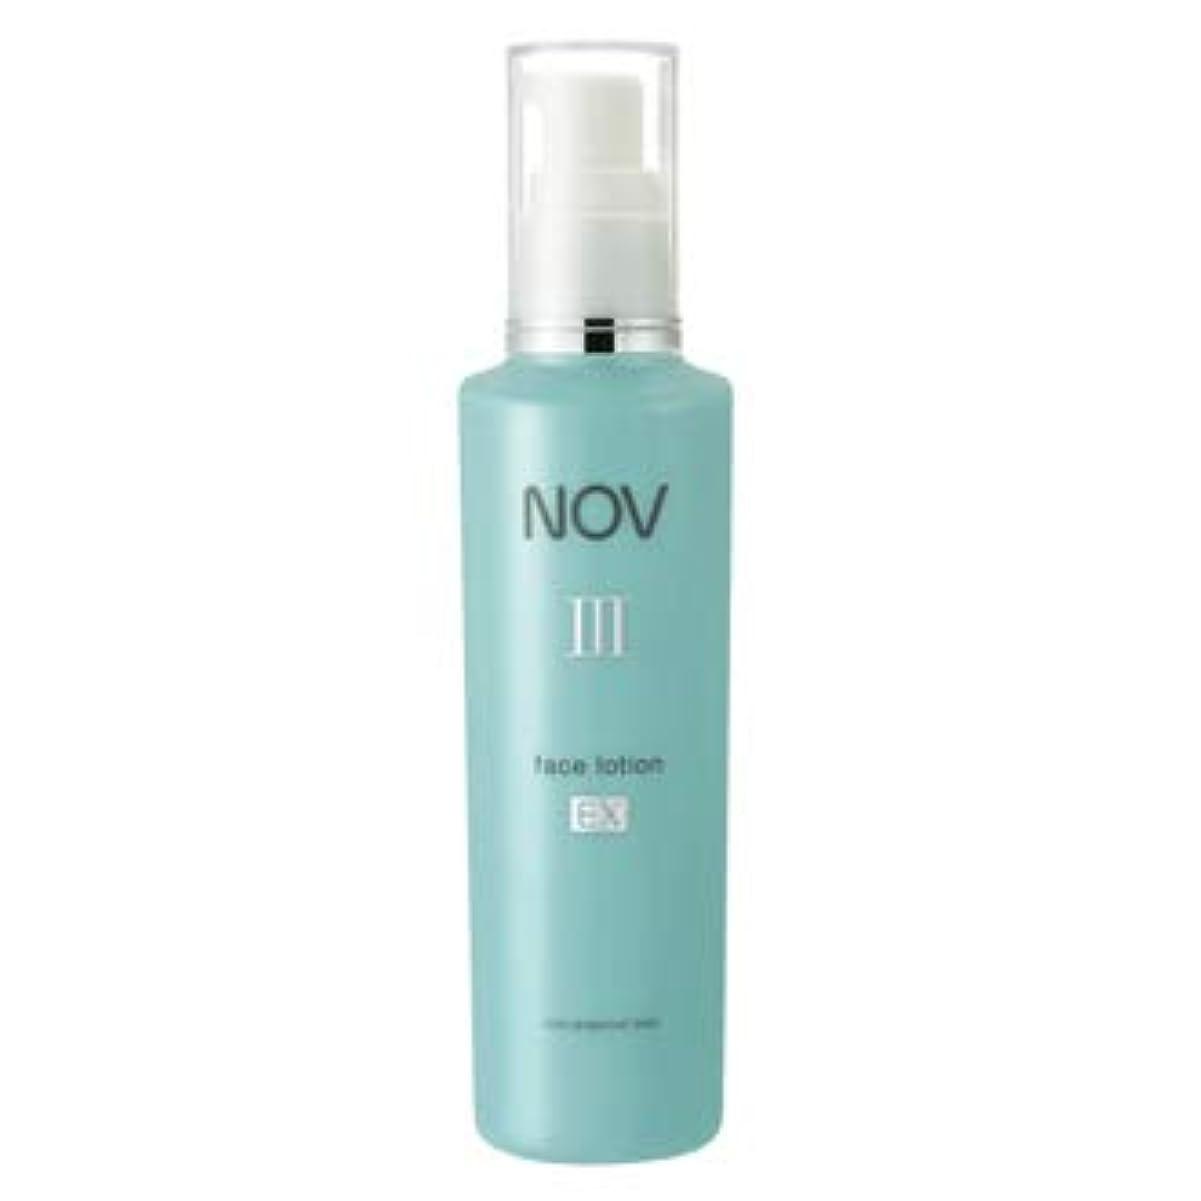 ドライバ警報不健全ノブ Ⅲ フェイスローション EX 120ml 高保湿化粧水 [並行輸入品]